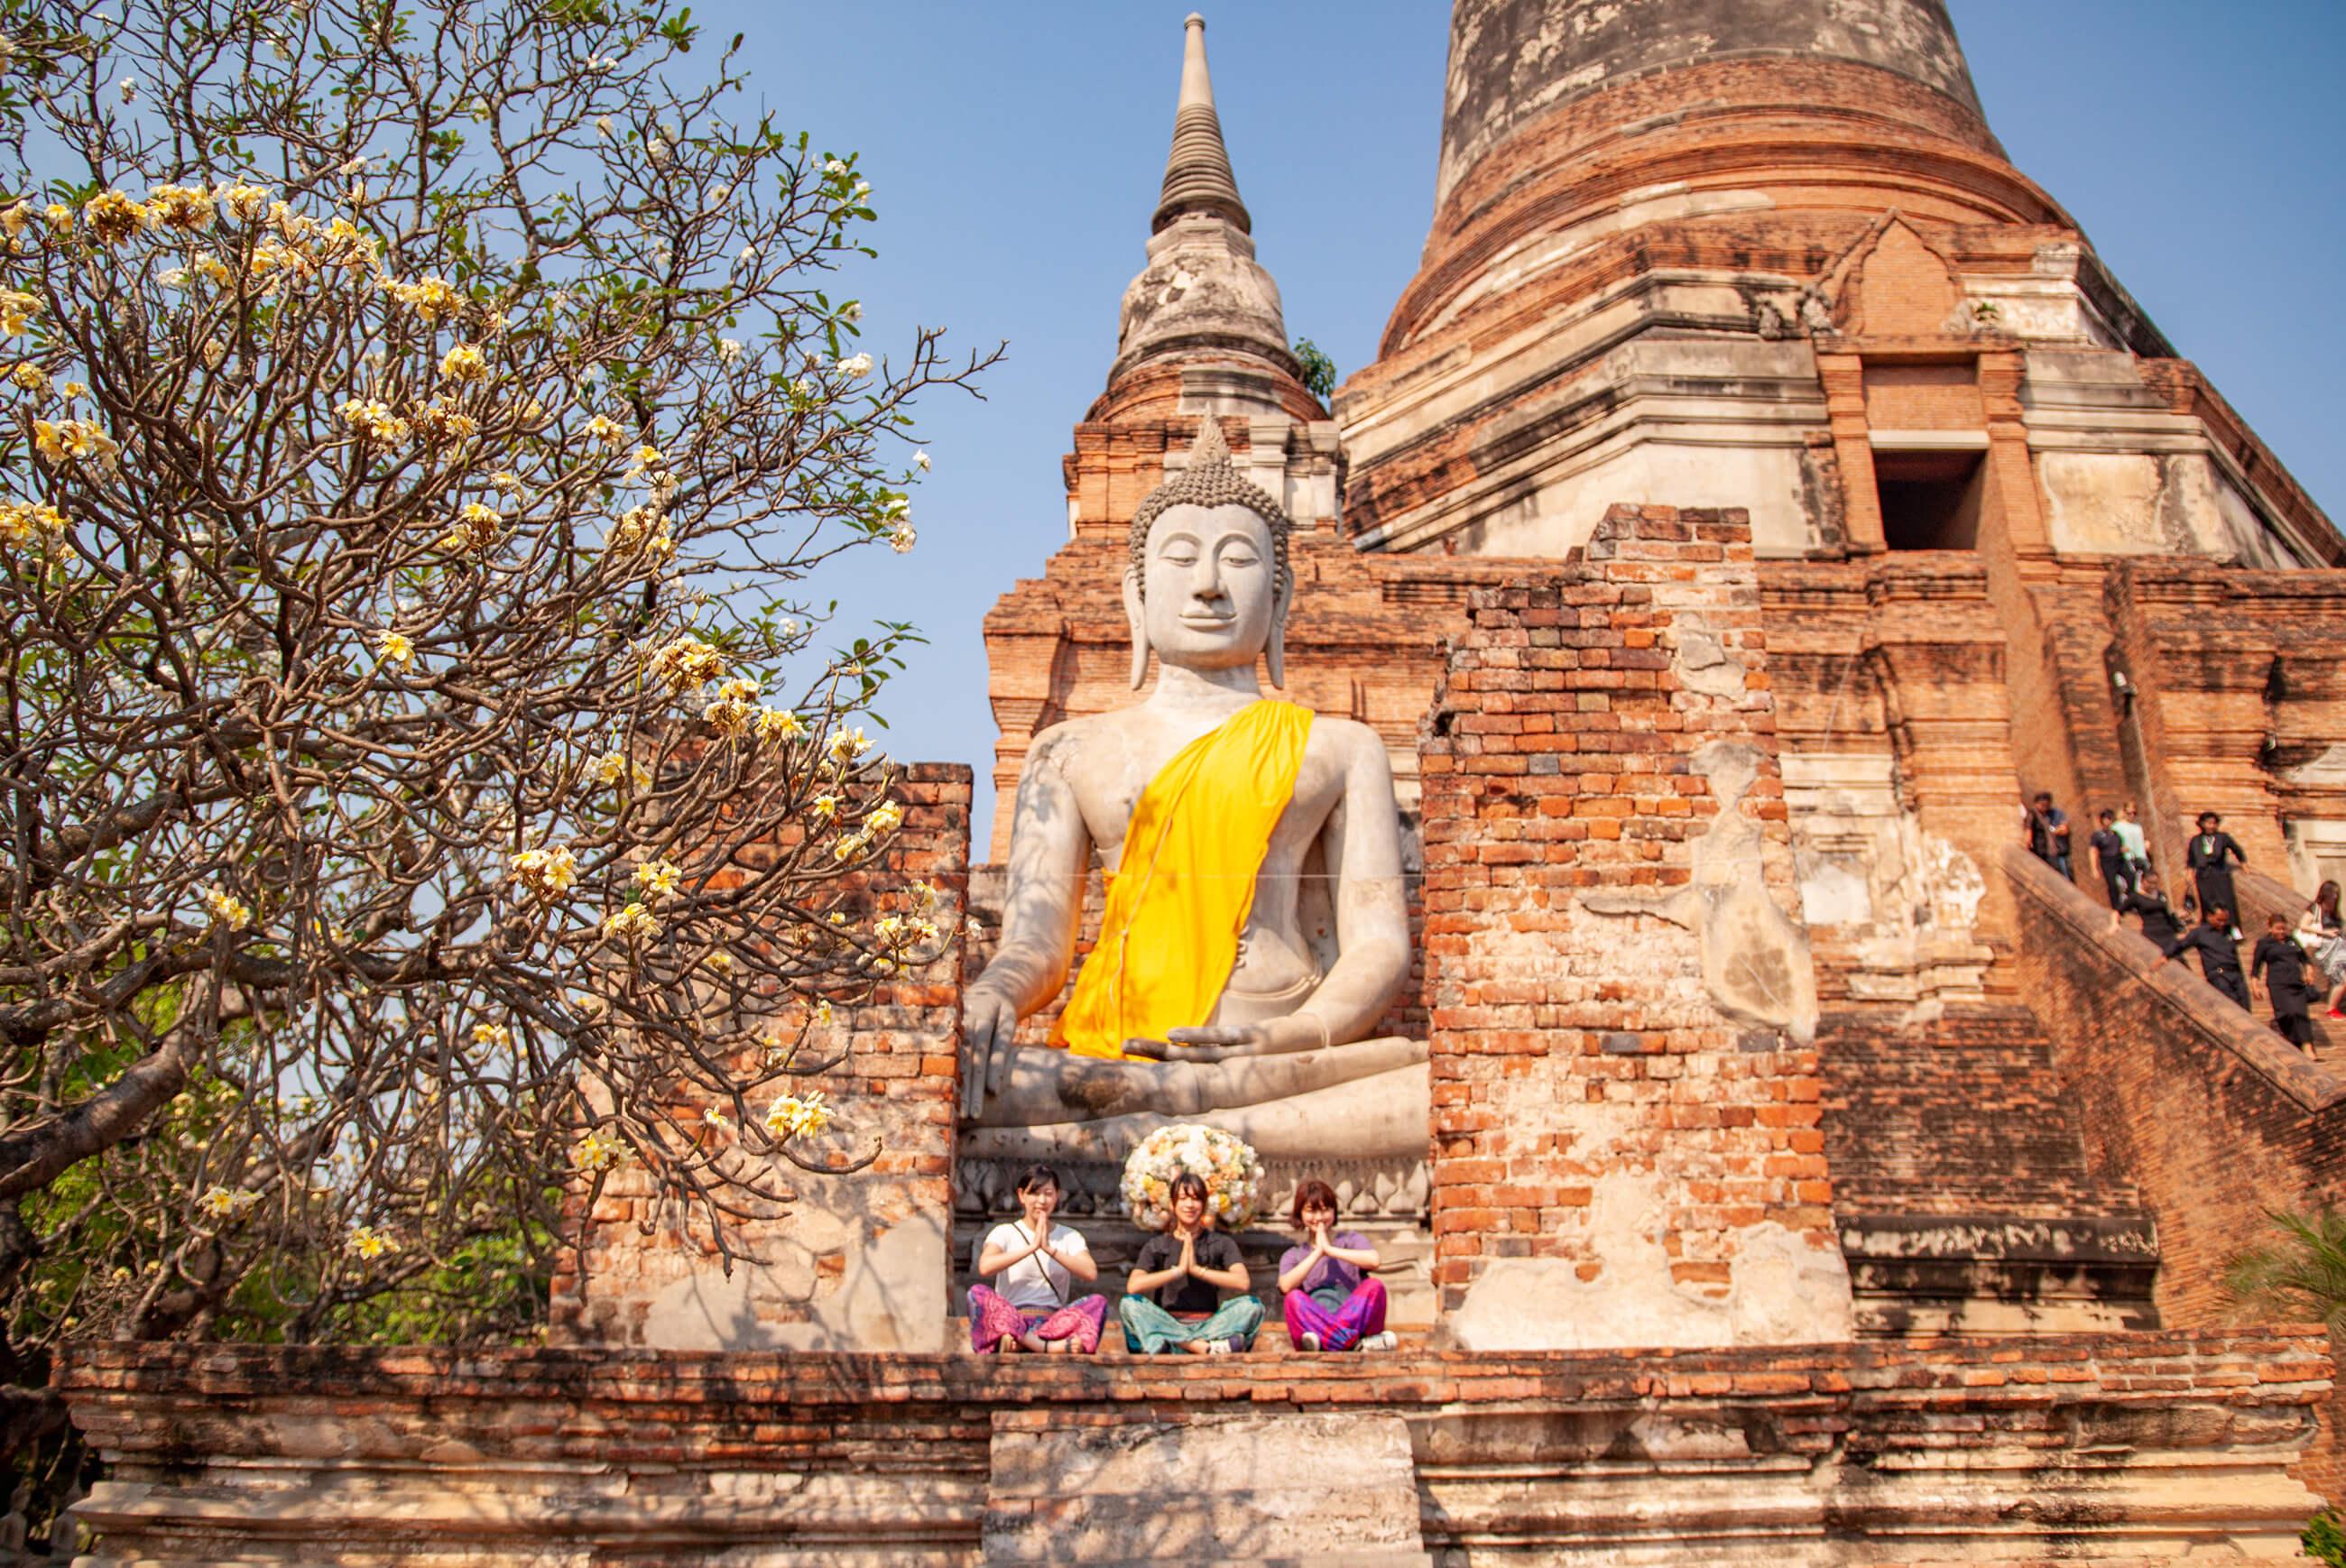 https://bubo.sk/uploads/galleries/7534/zuzkahabekova_thajsko_ayutthaya_img_1548.jpg